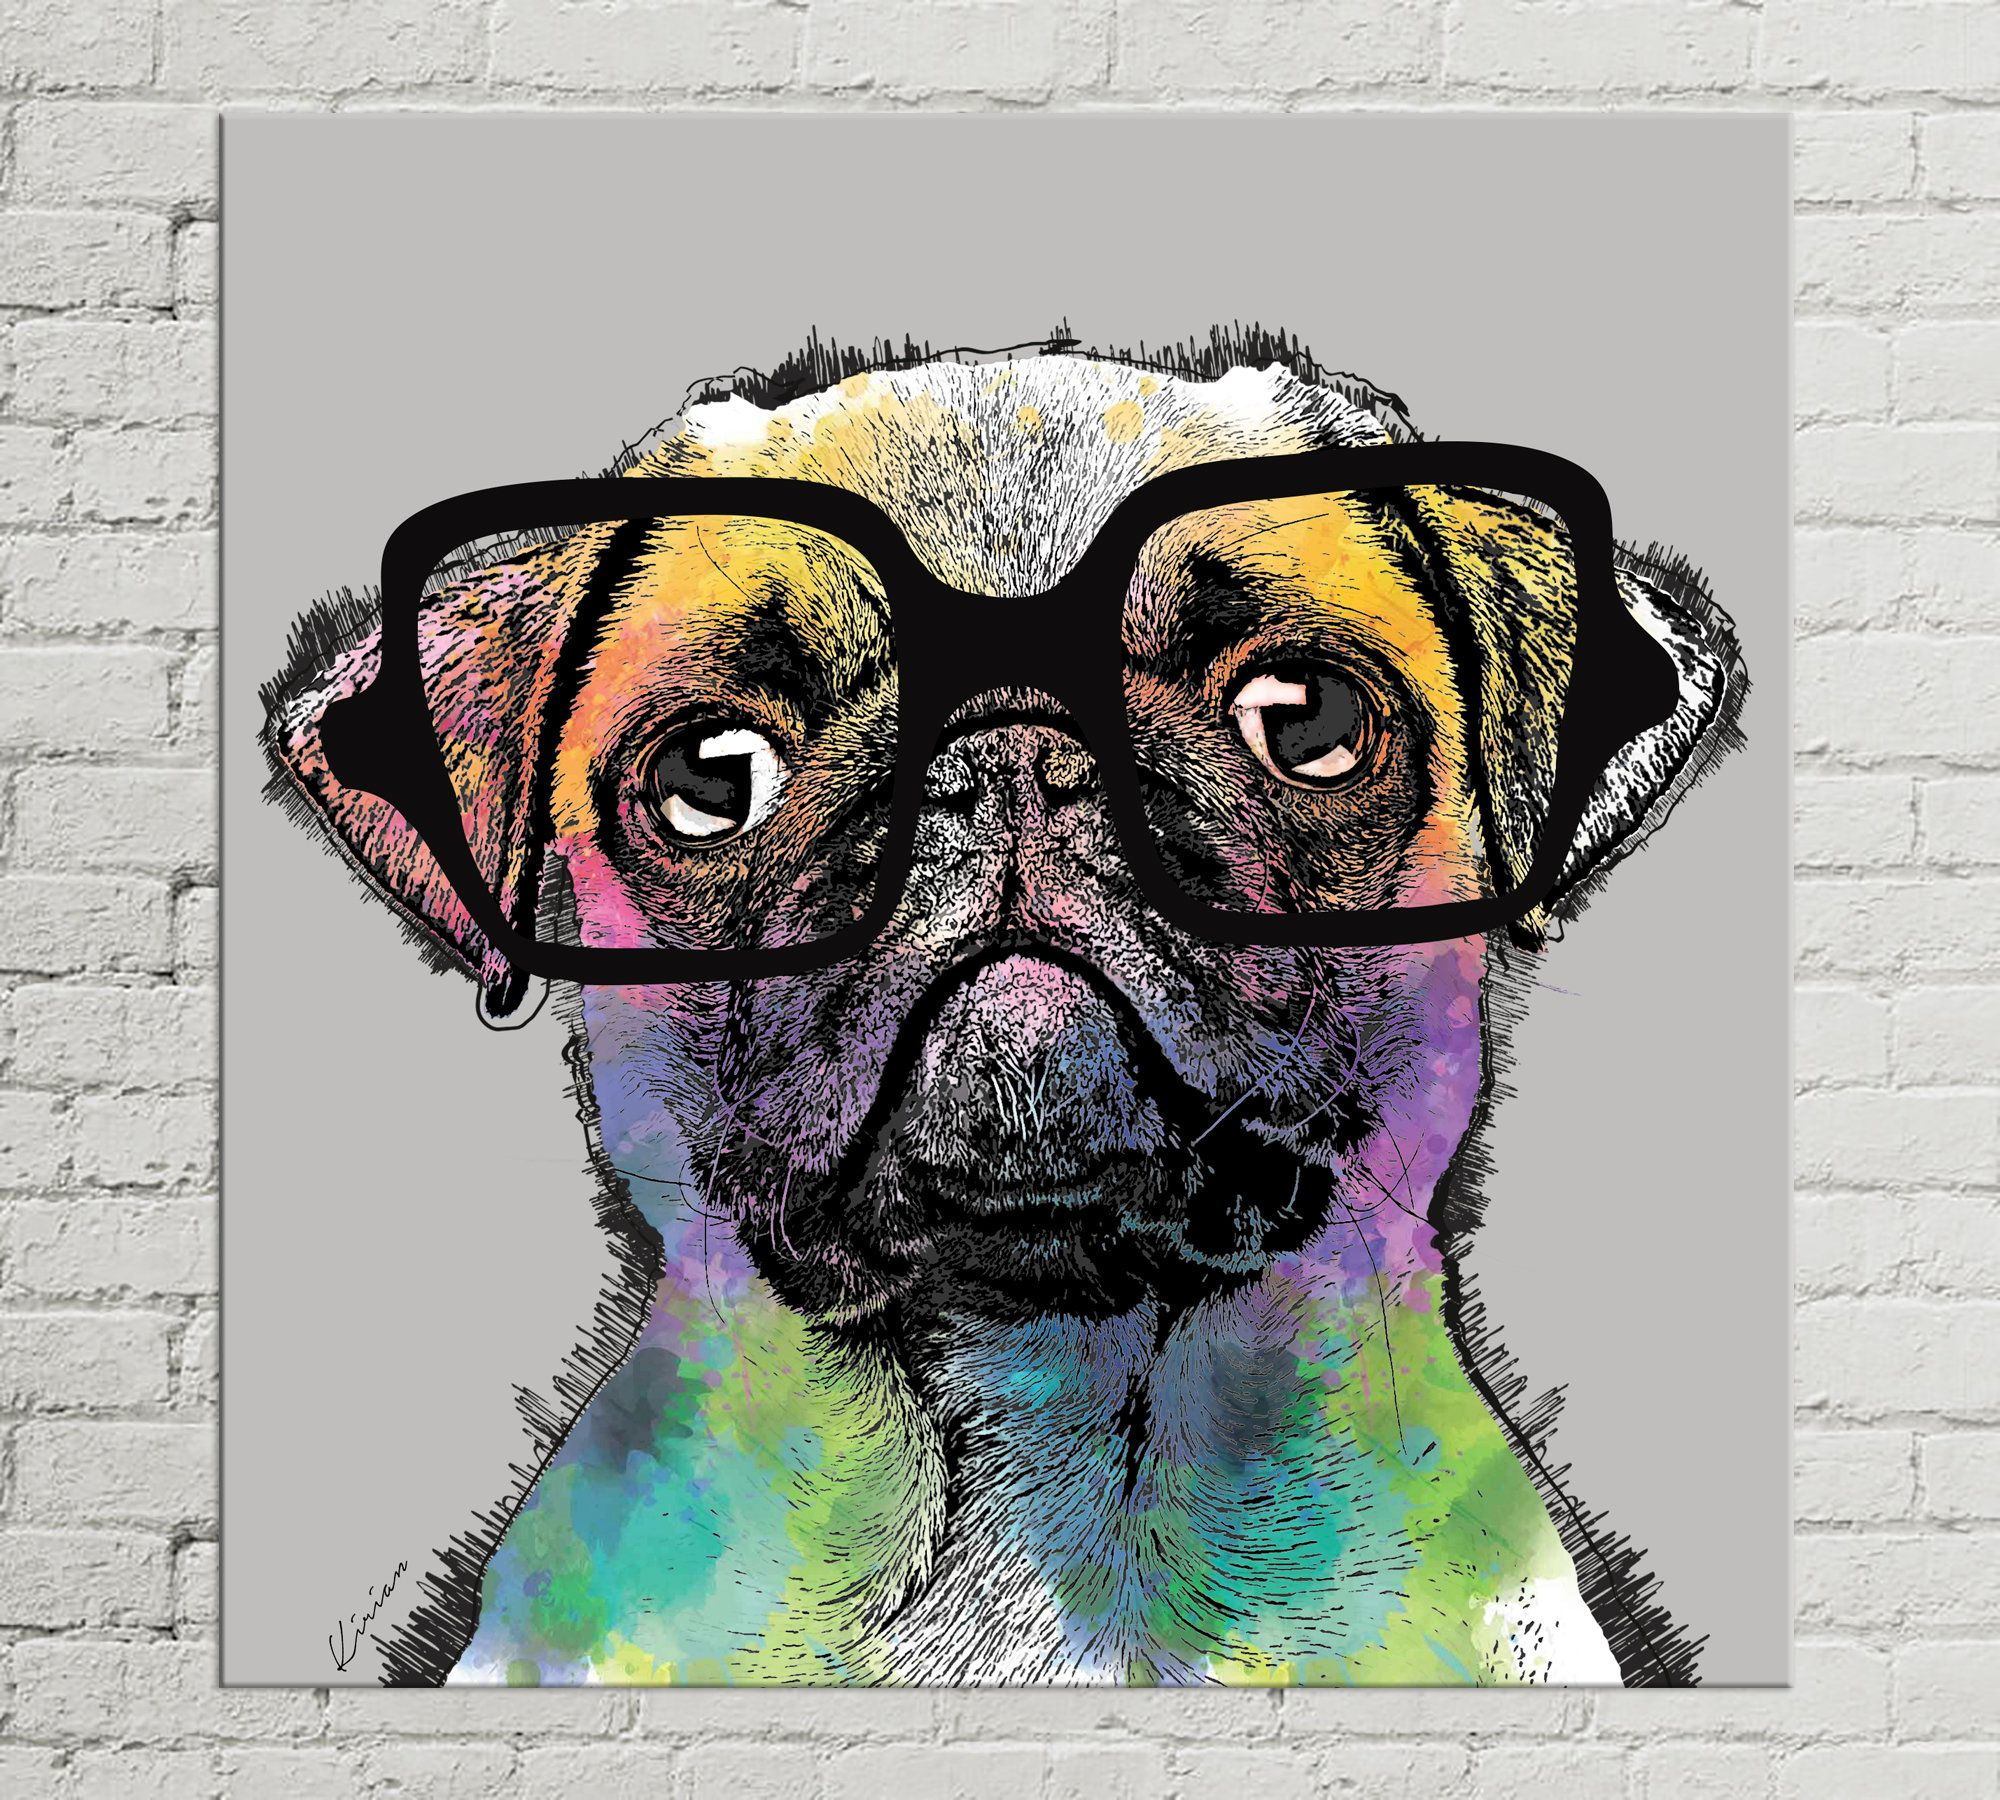 Rainbow Pug Large Canvas Gallery Wrap Modern Home Decor Framed